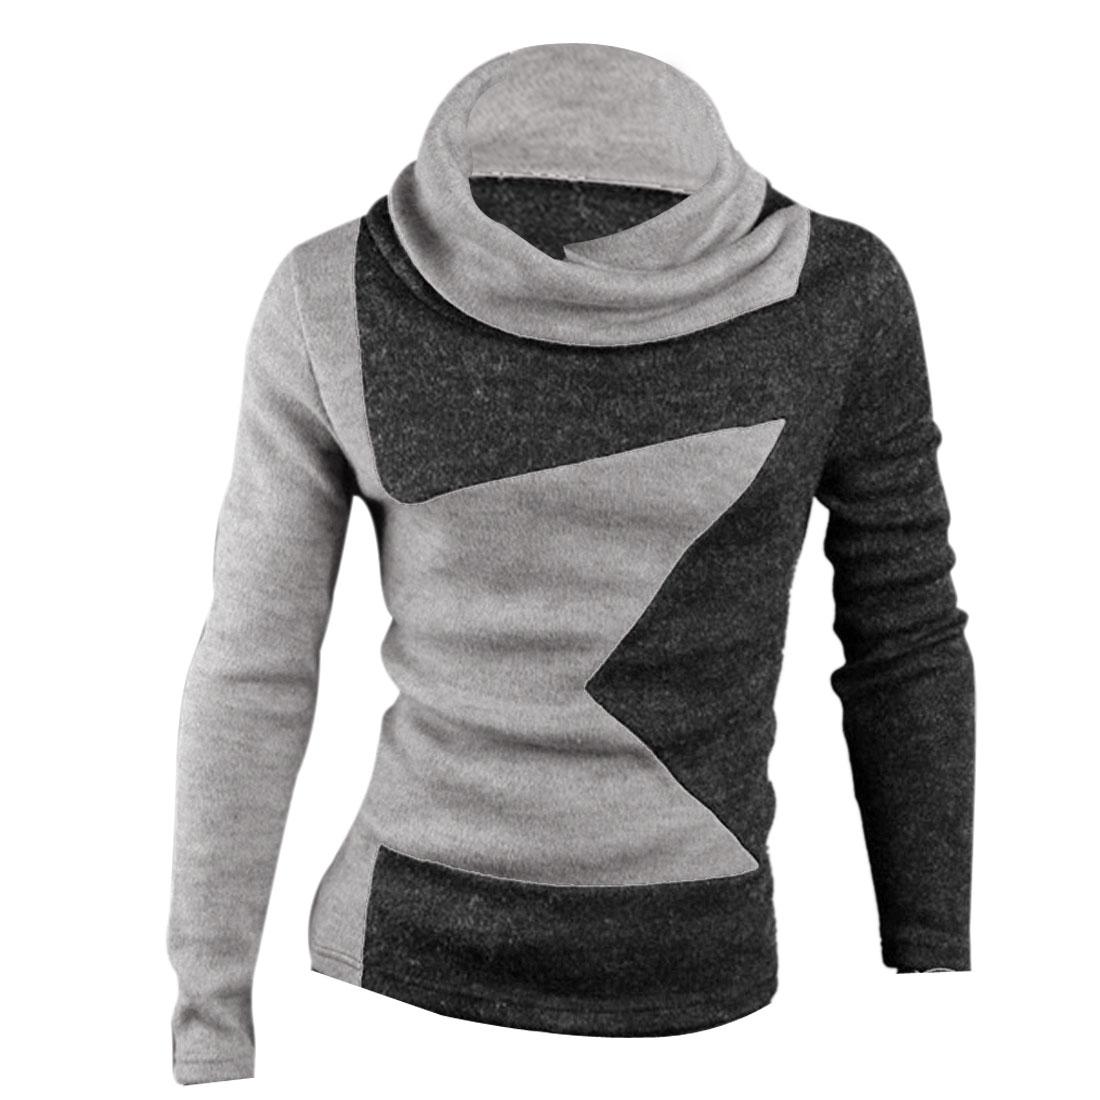 Men Cowl Neck Pullover Star Pattern NEWS Knit Shirt Gray Dark Gray S